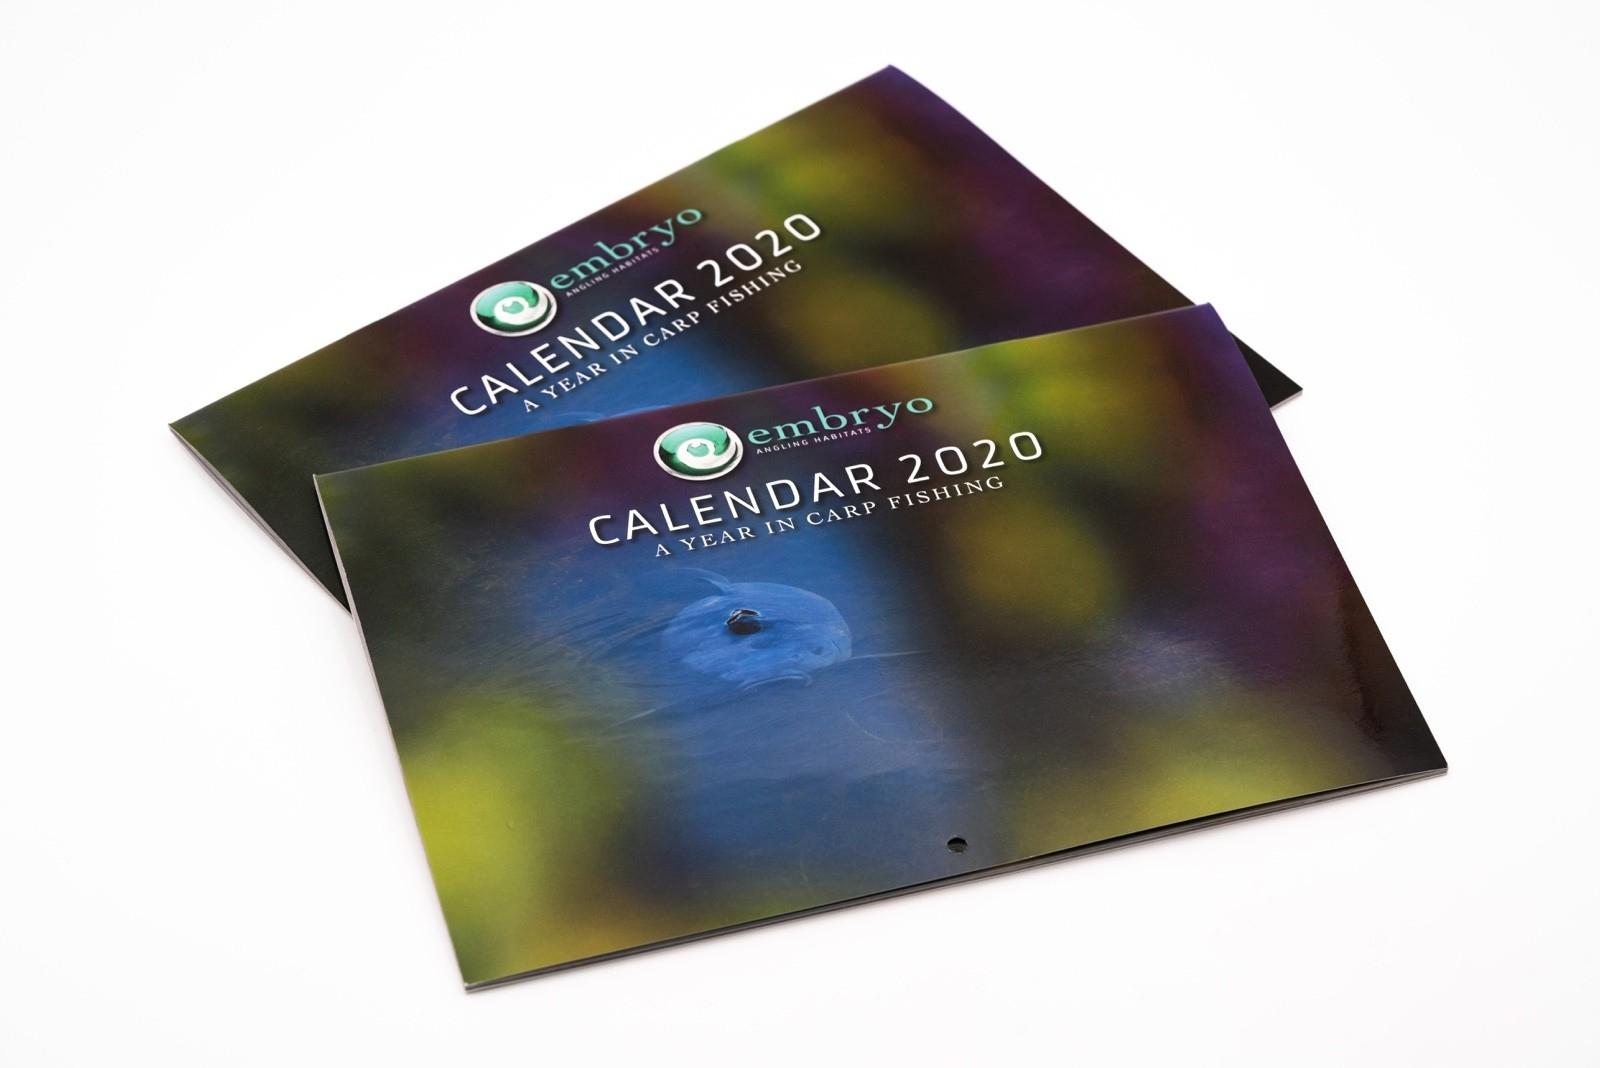 Korda - Embryo Calendar 2020